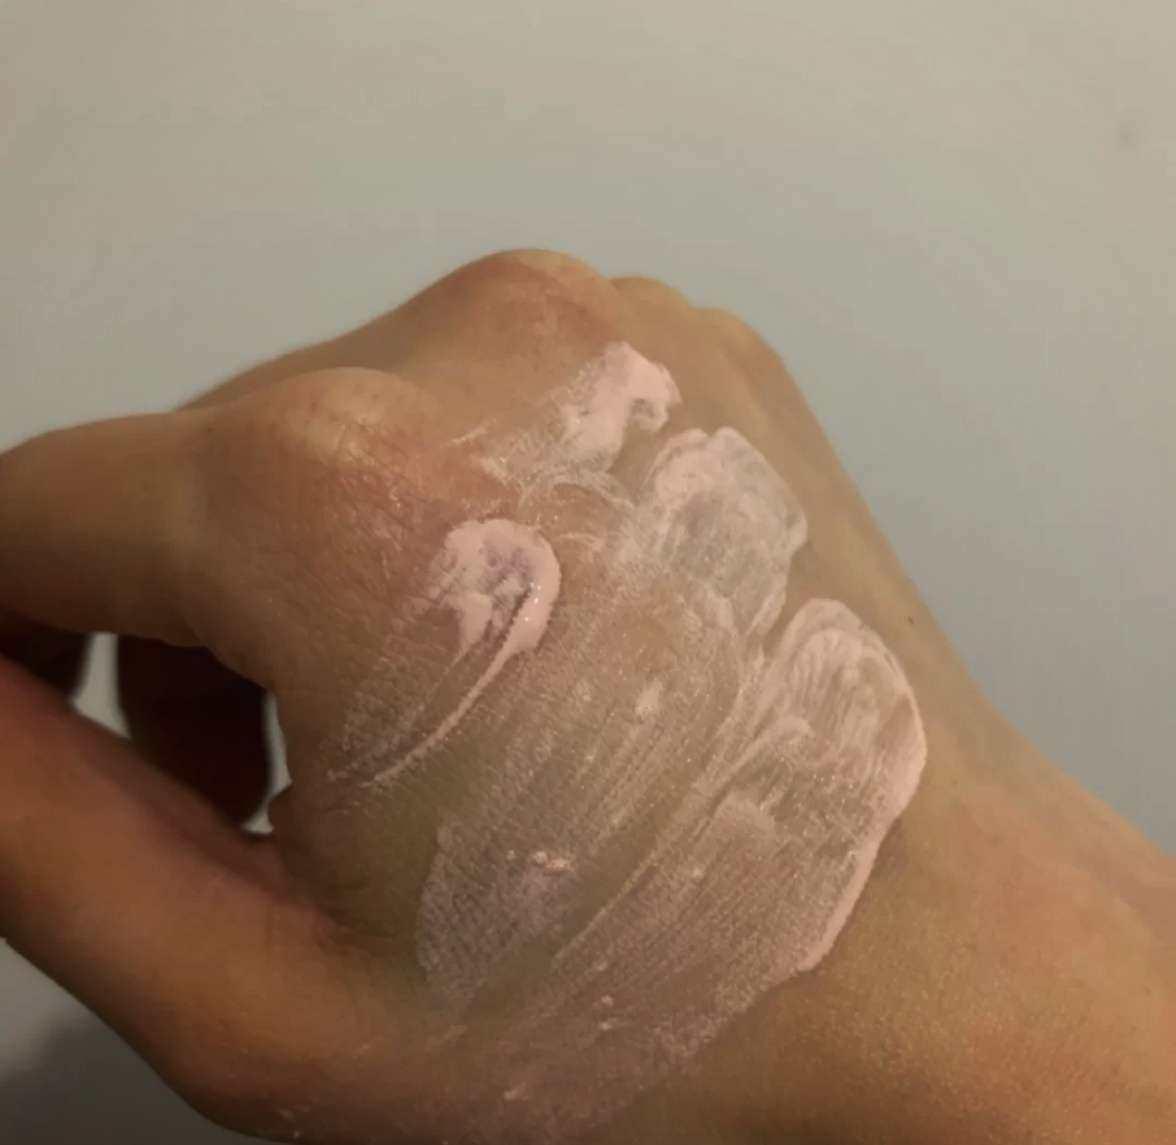 亚马逊海外购小众优品之悦木之源原装肌肤焕肤面膜 悦木之源粉娃